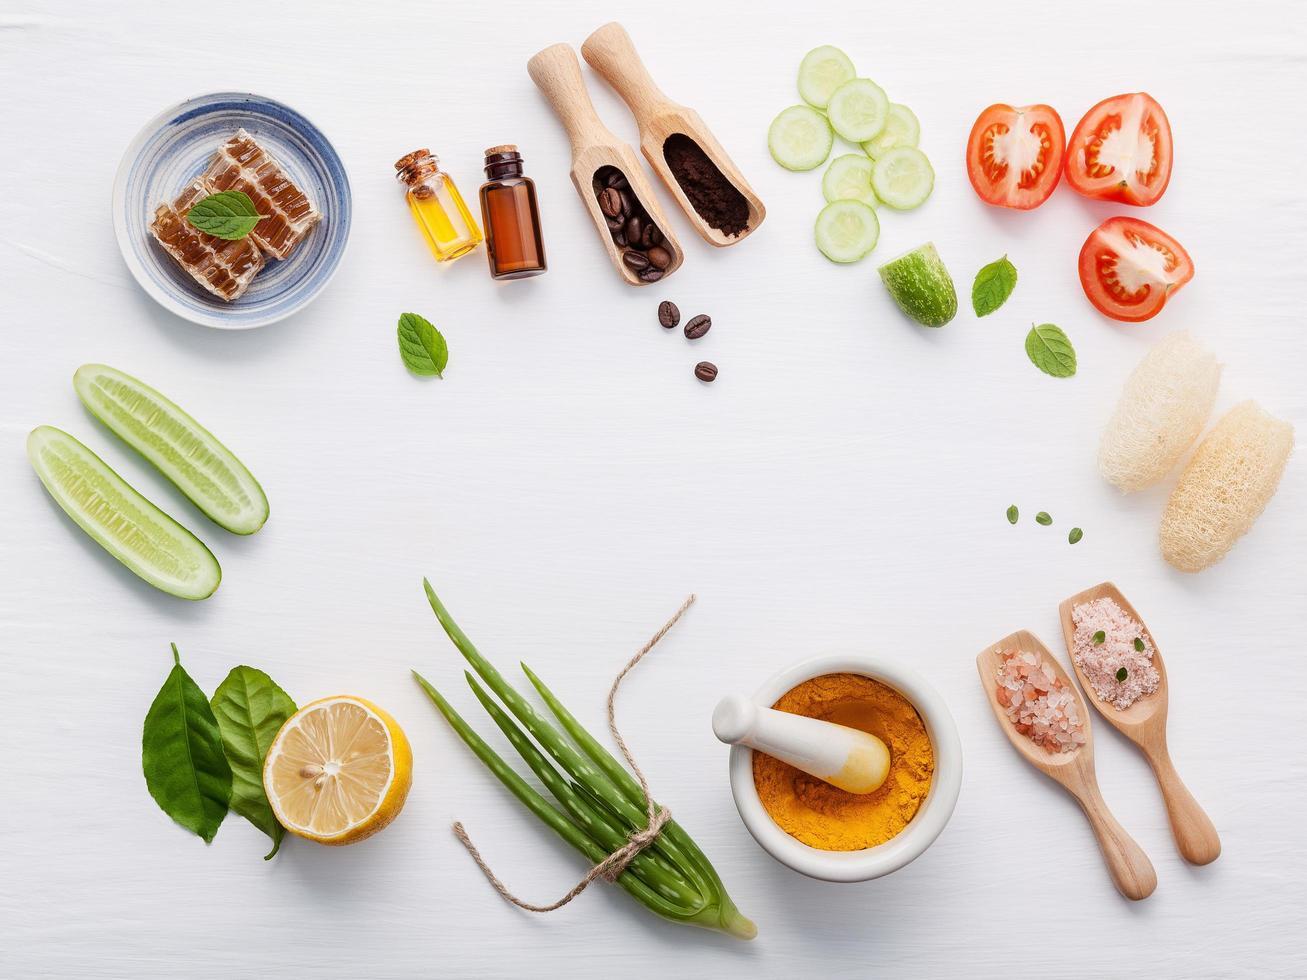 Marco de ingredientes para cocinar en blanco foto